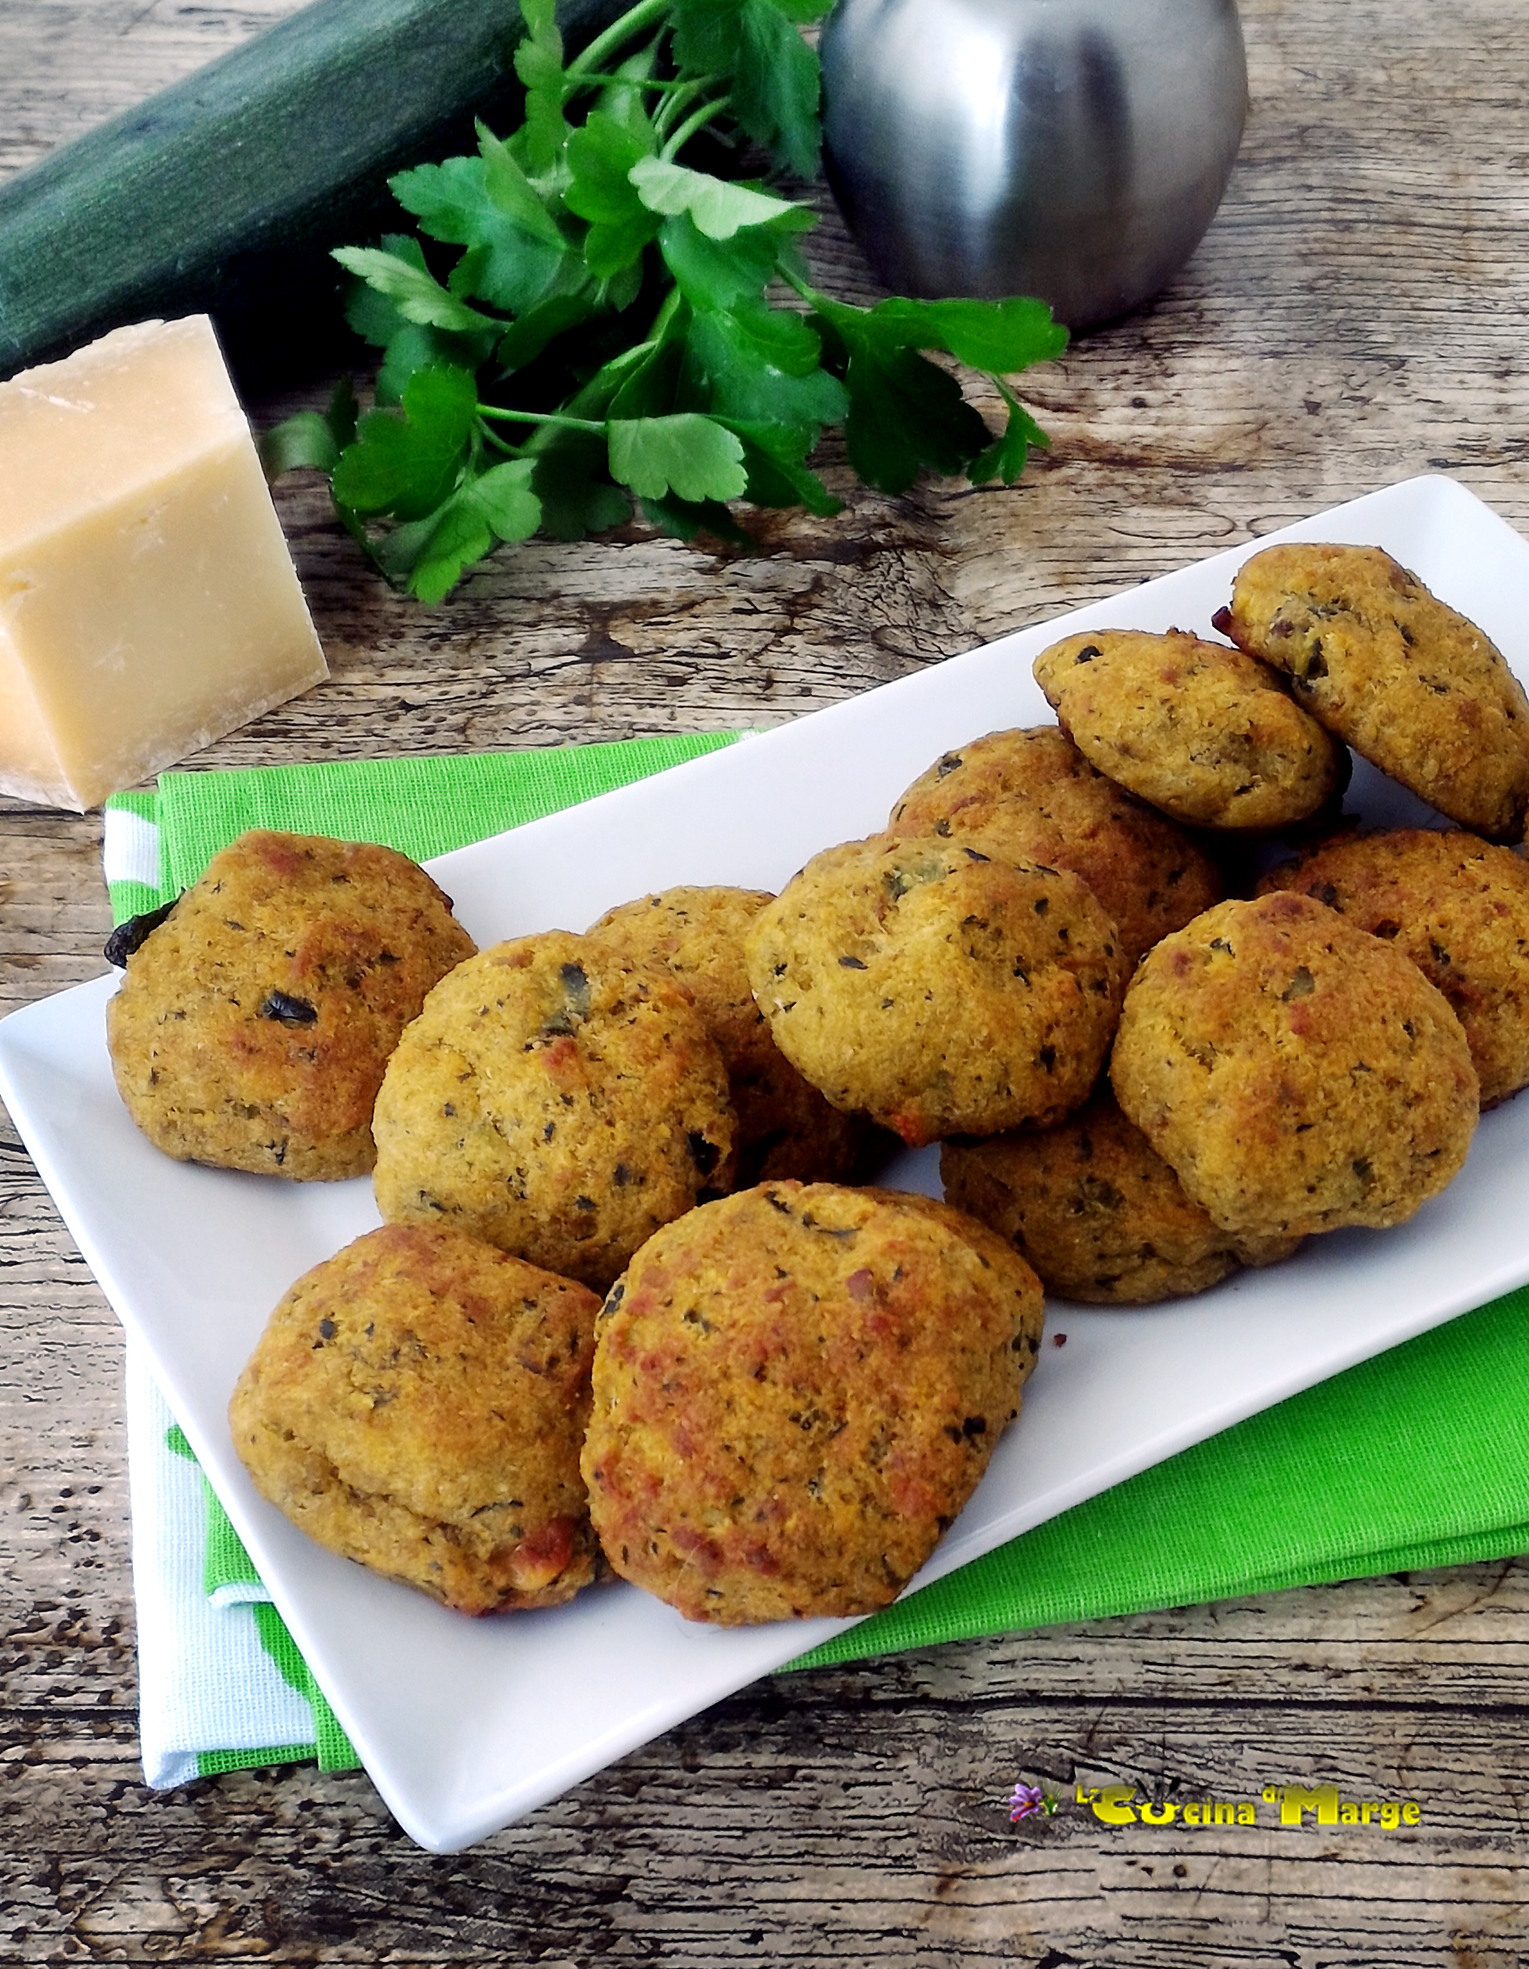 Polpette Di Zucchine E Tonno La Cucina Di Marge